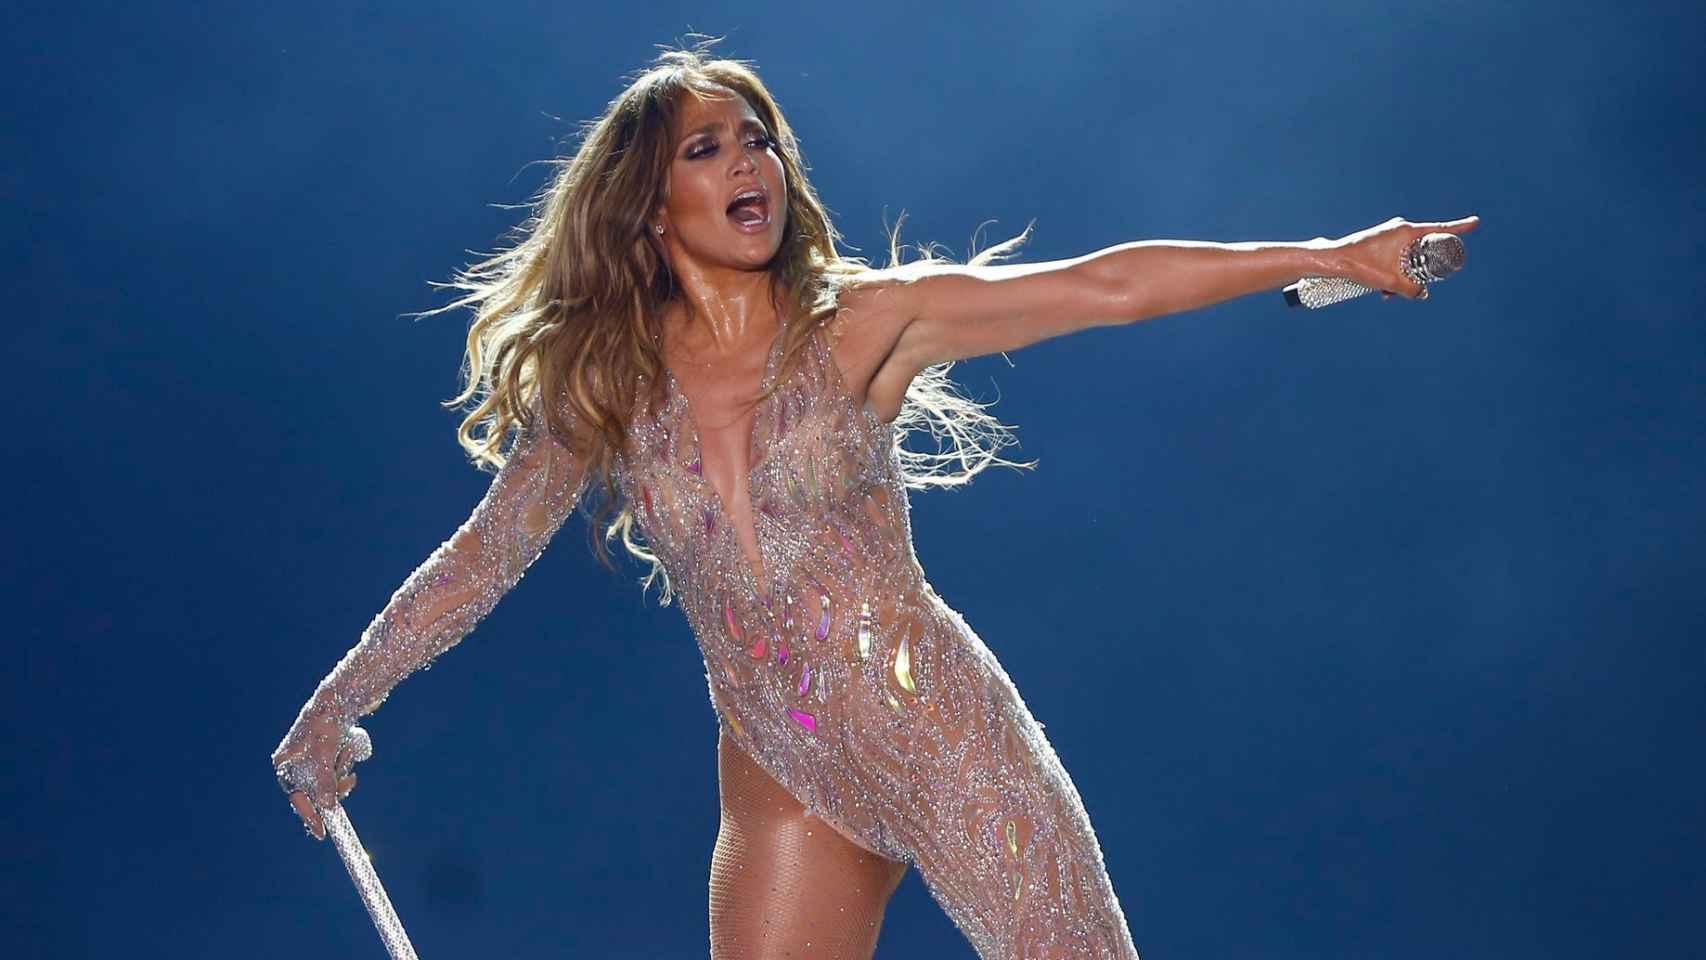 El abogado egipcio asegura que la artista actuó desnuda en Egipto.